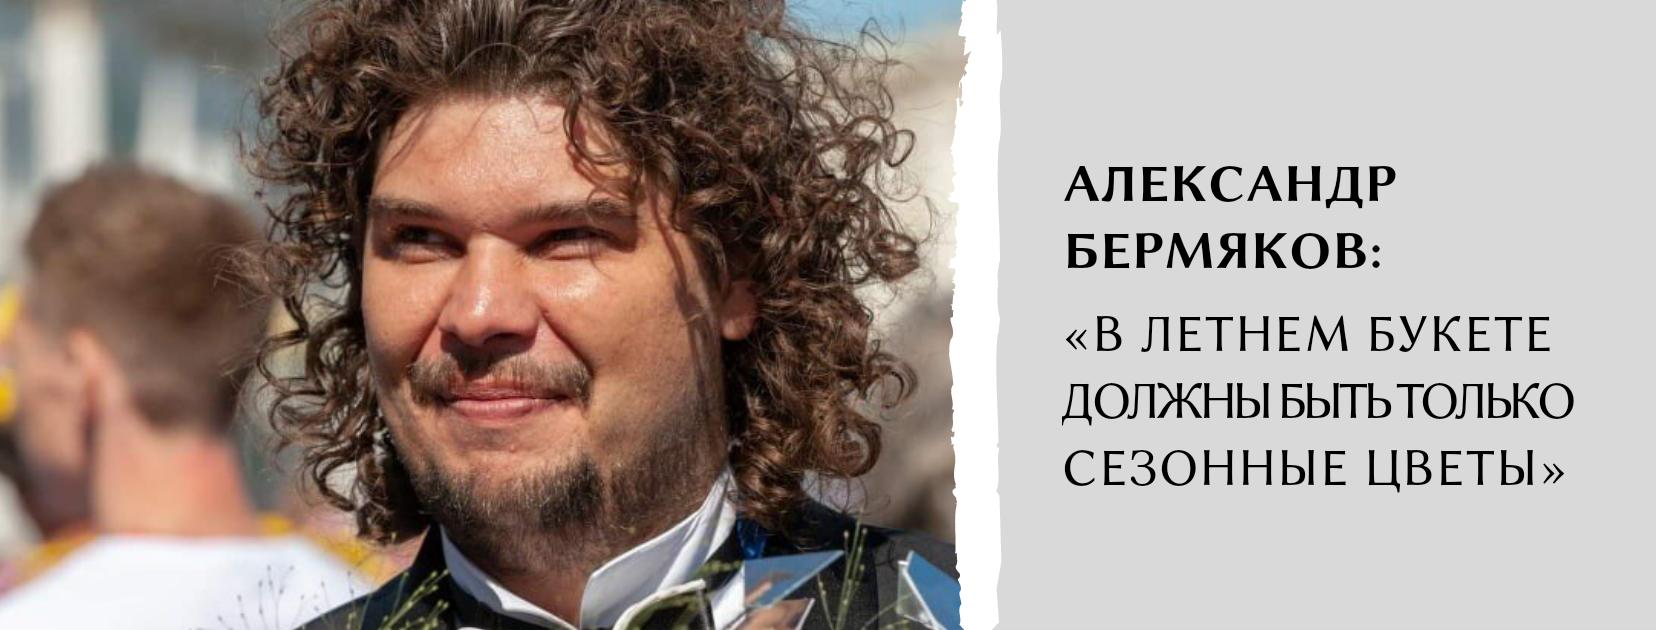 Александр Бермяков в ТК ЭКОПОЛИС premium